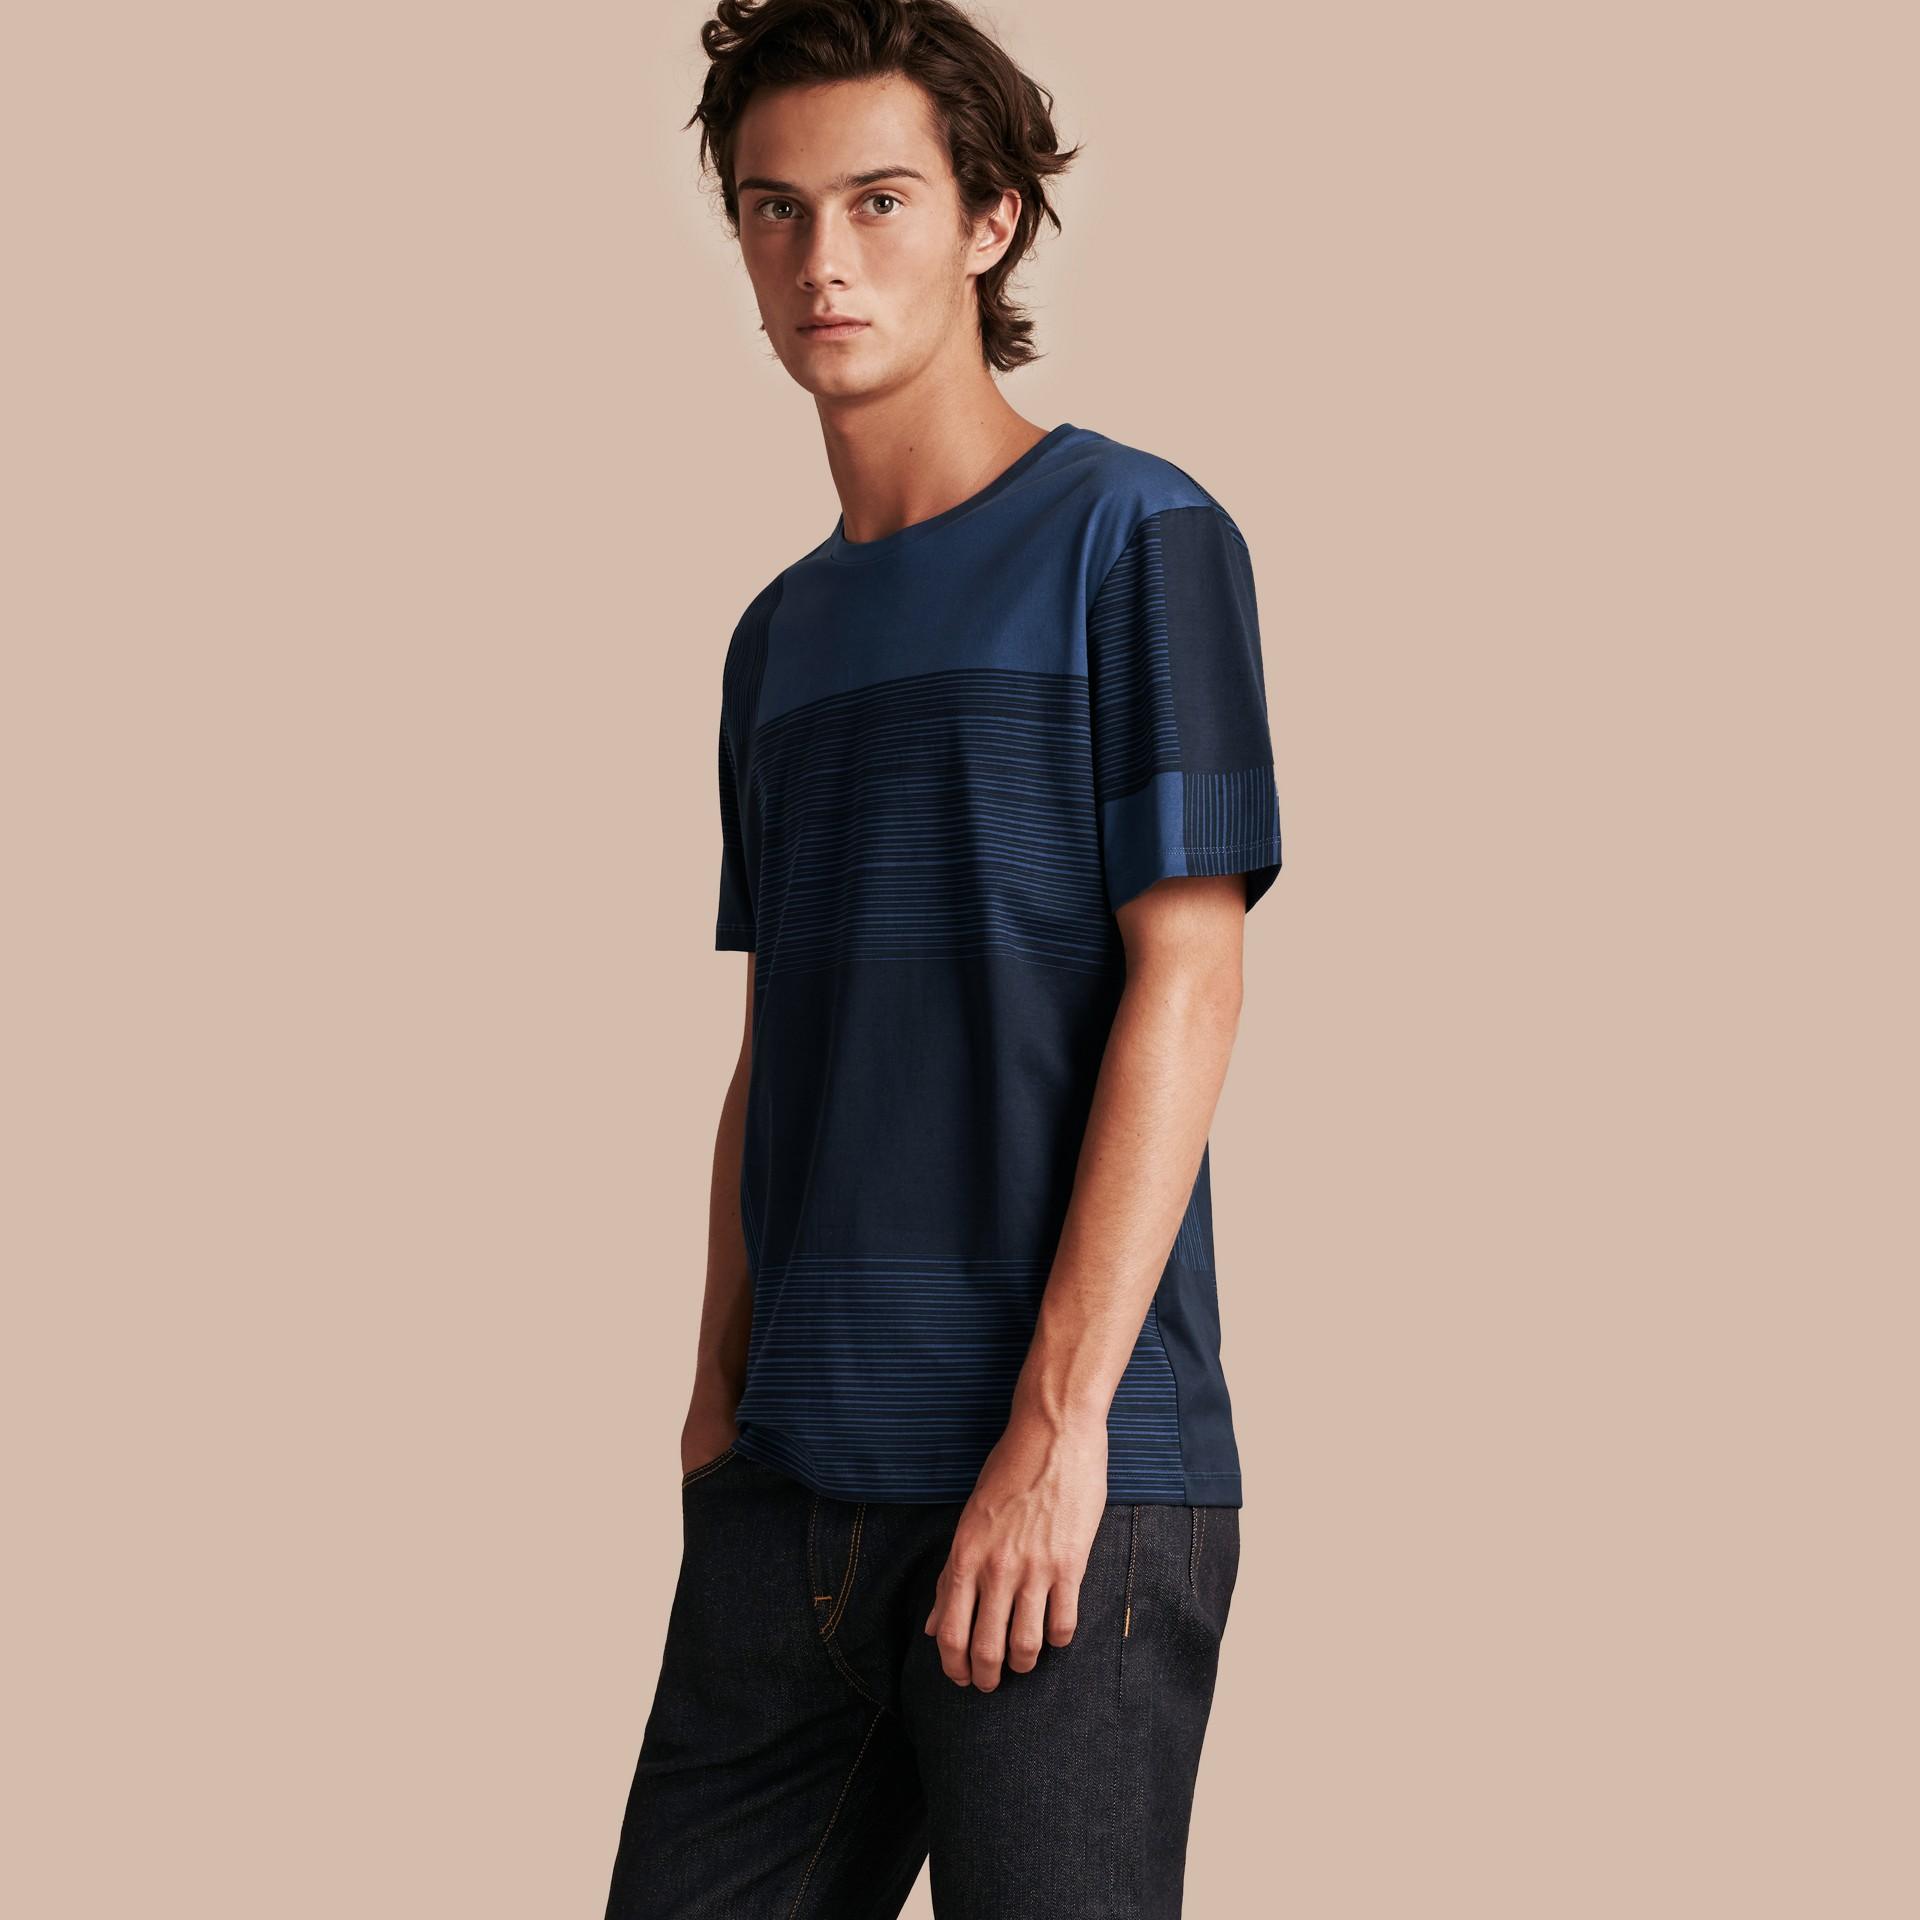 Navy T-shirt in cotone con motivo check stampato Navy - immagine della galleria 1